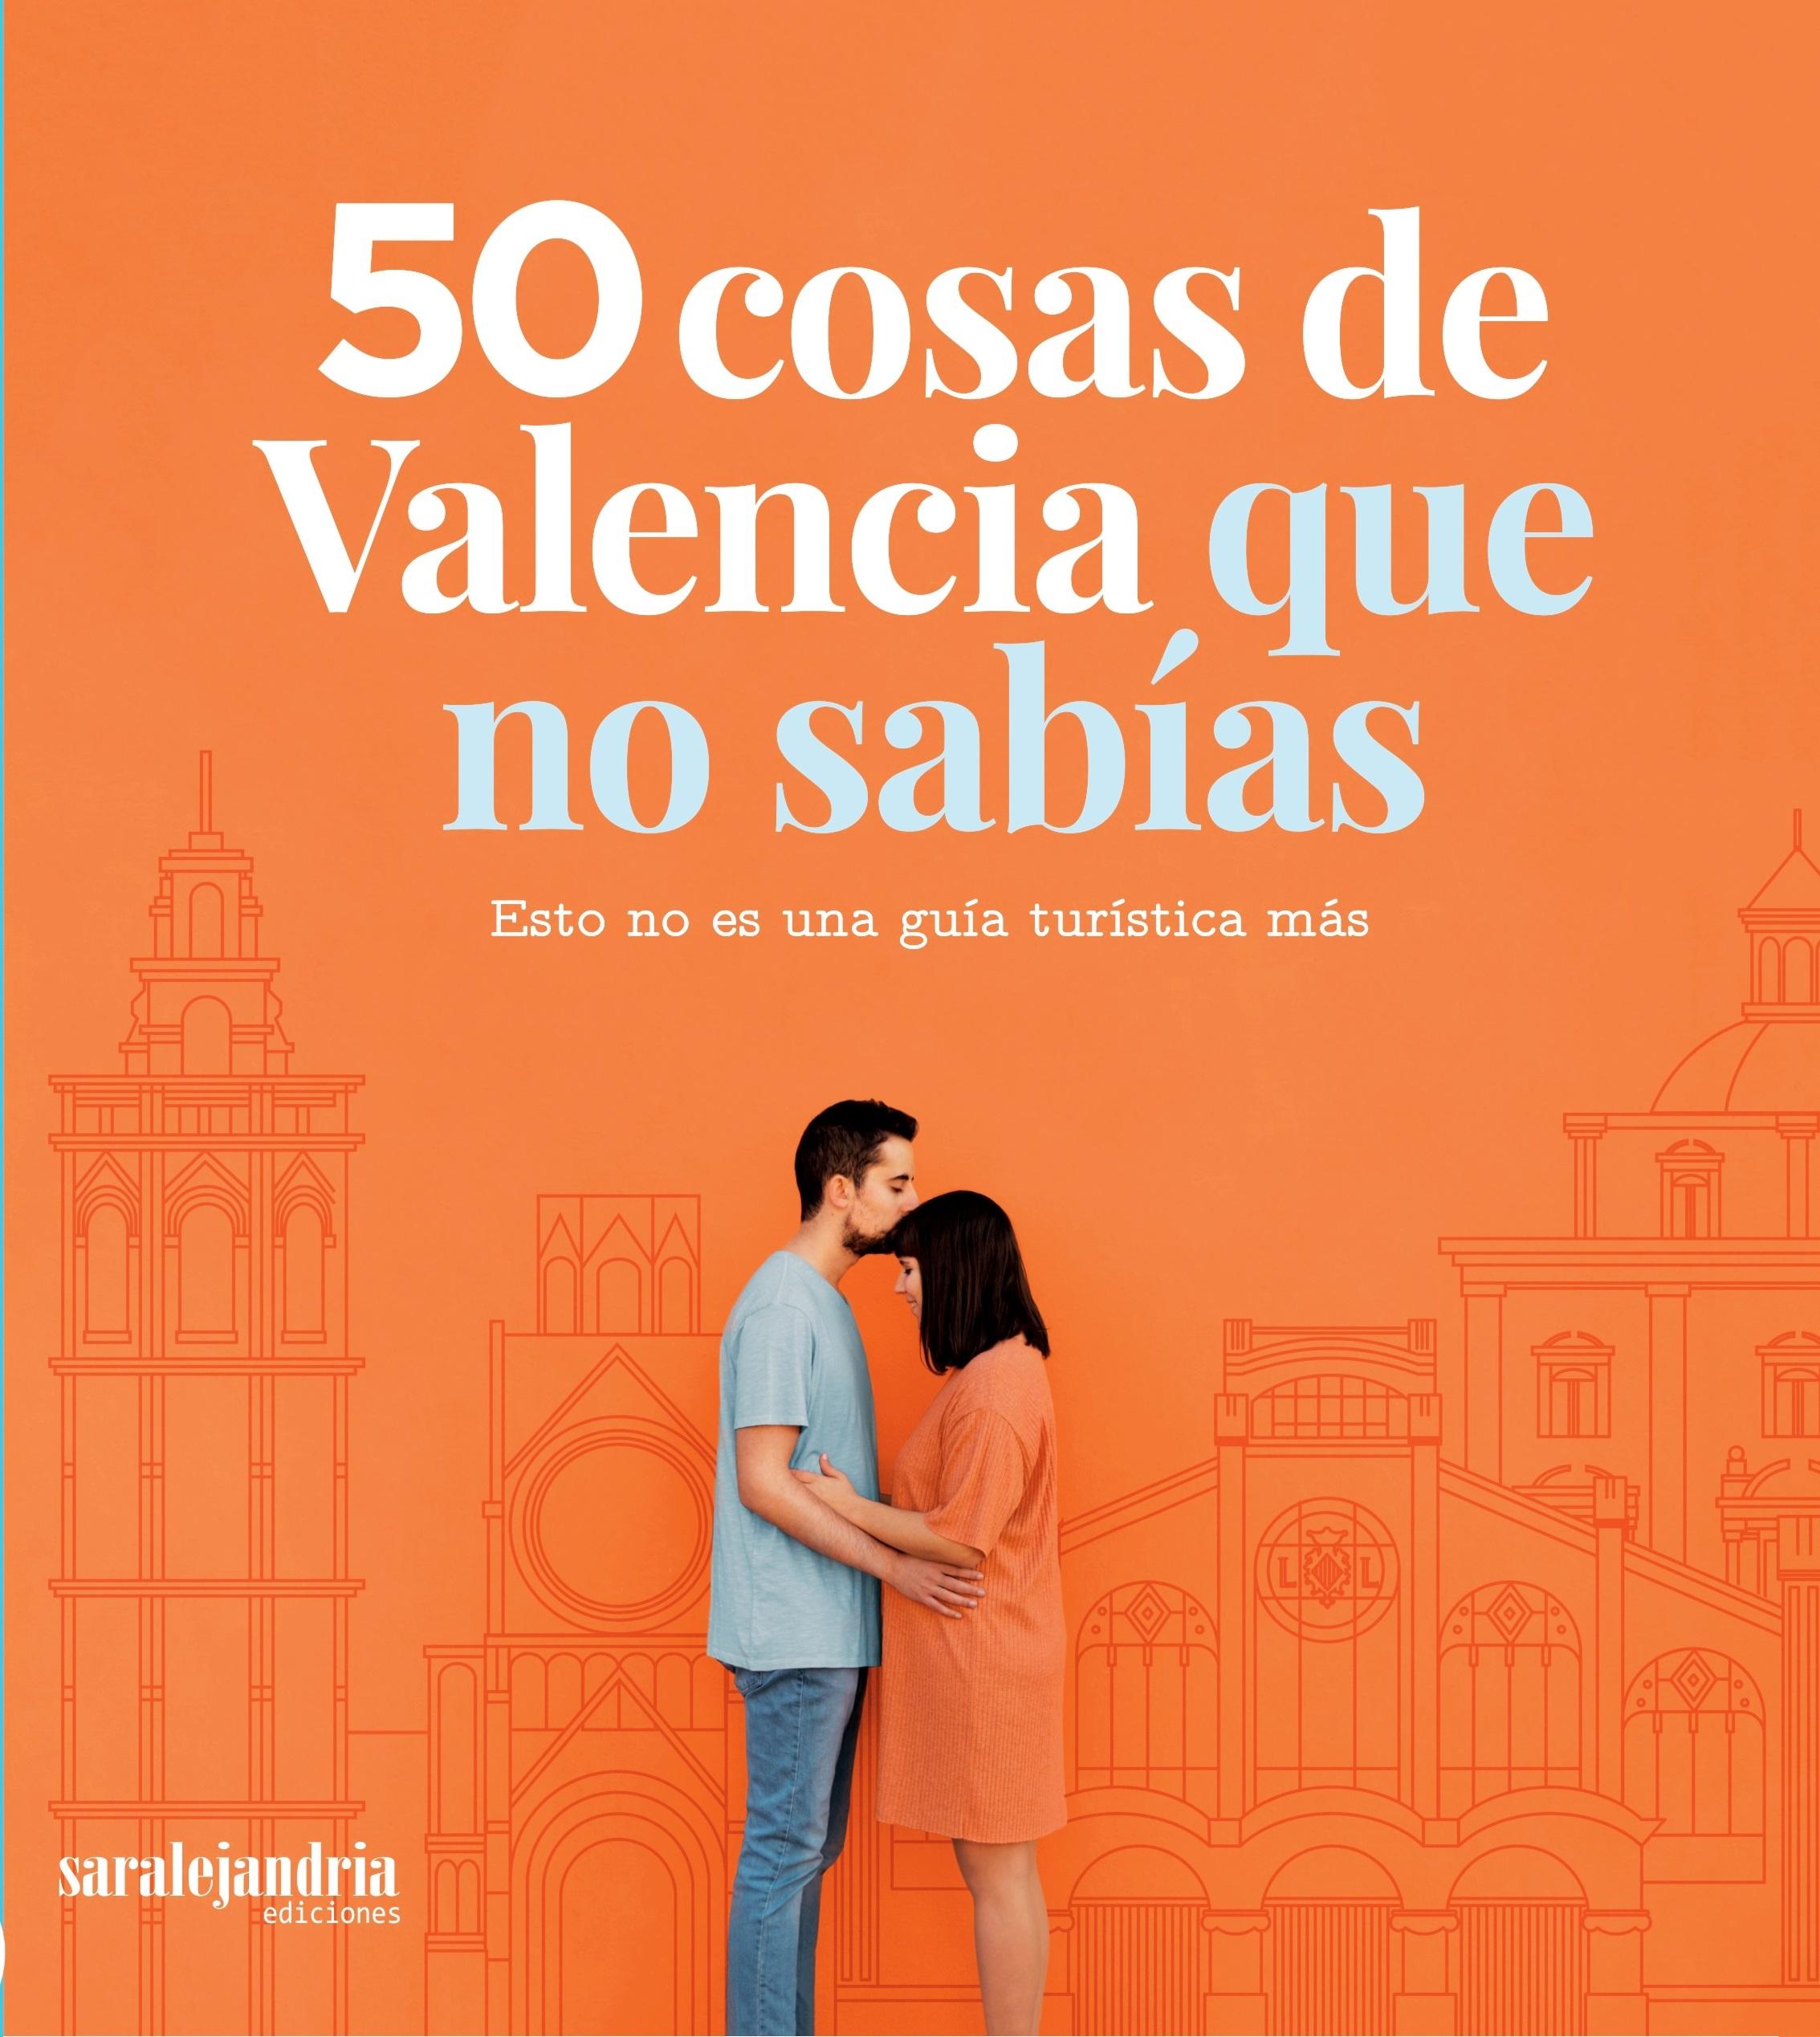 50 COSAS DE VALENCIA QUE NO SABÍAS. Esto no es una guía turística más